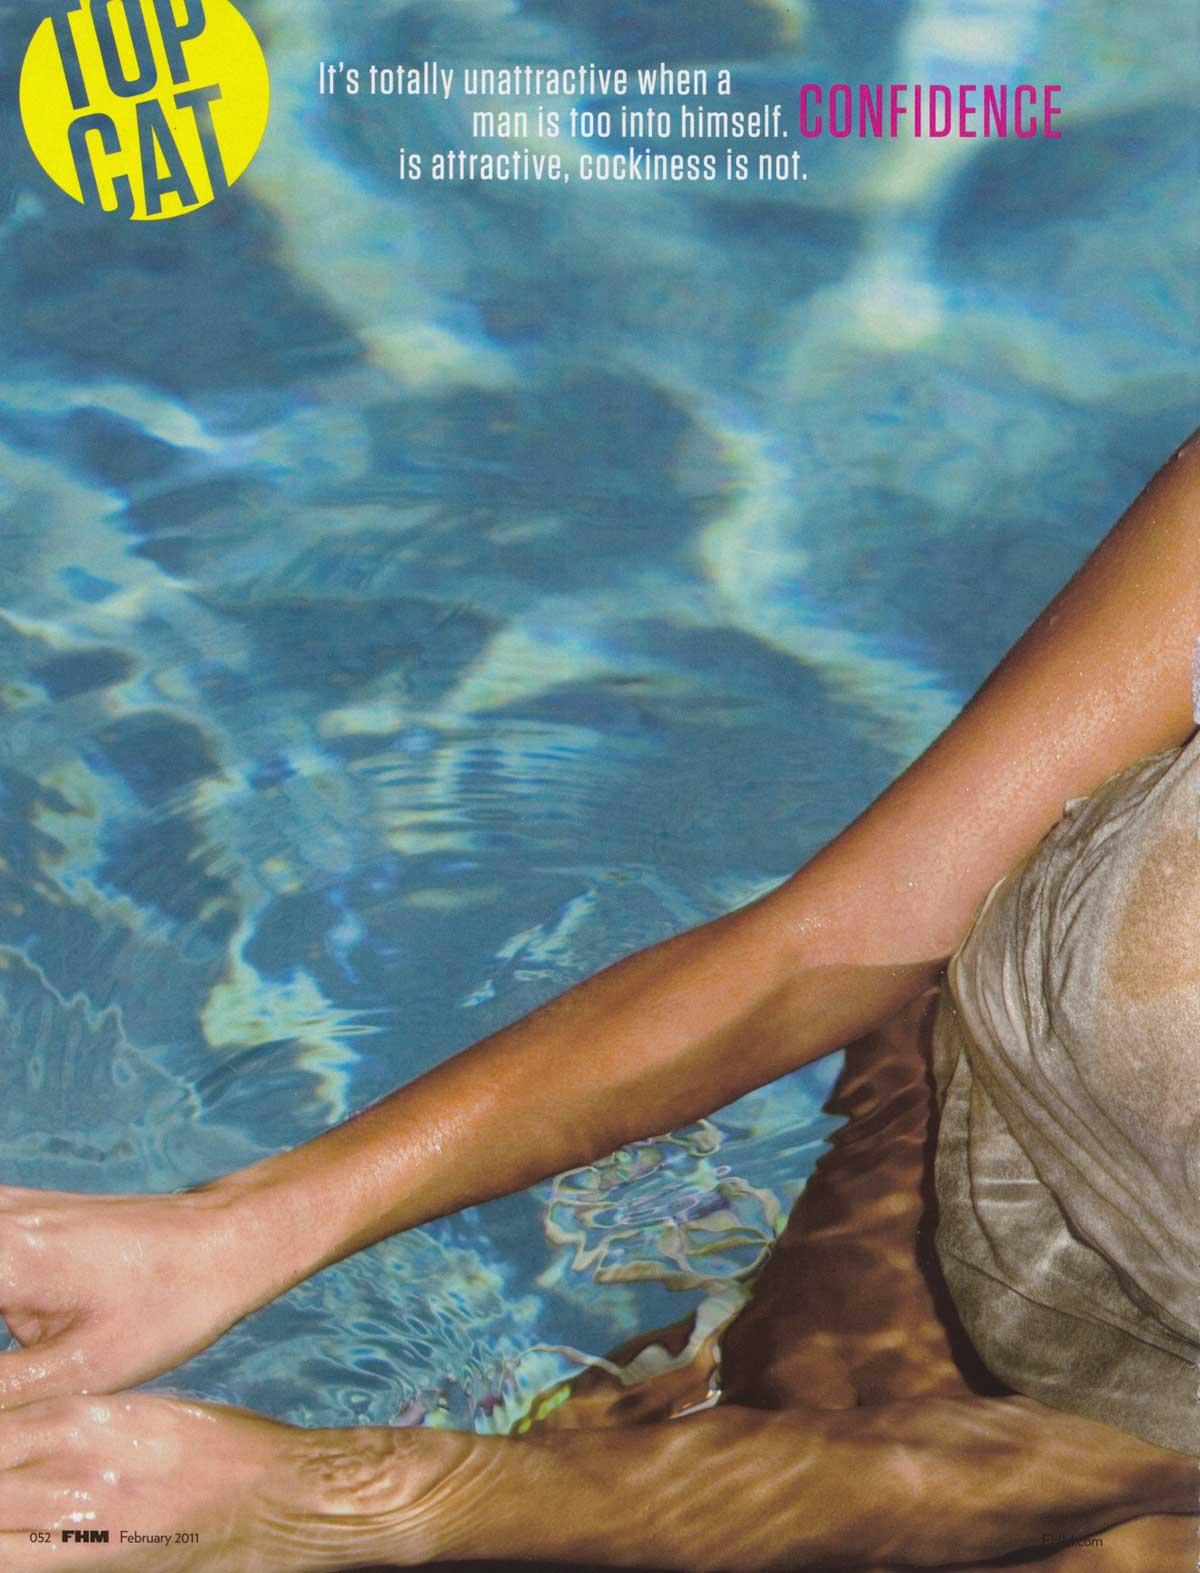 http://1.bp.blogspot.com/_jJ_E_cfaus4/TS-VE802WqI/AAAAAAAAAns/I-4kFWE3zUs/s1600/scherzinger_fhm_2.jpg